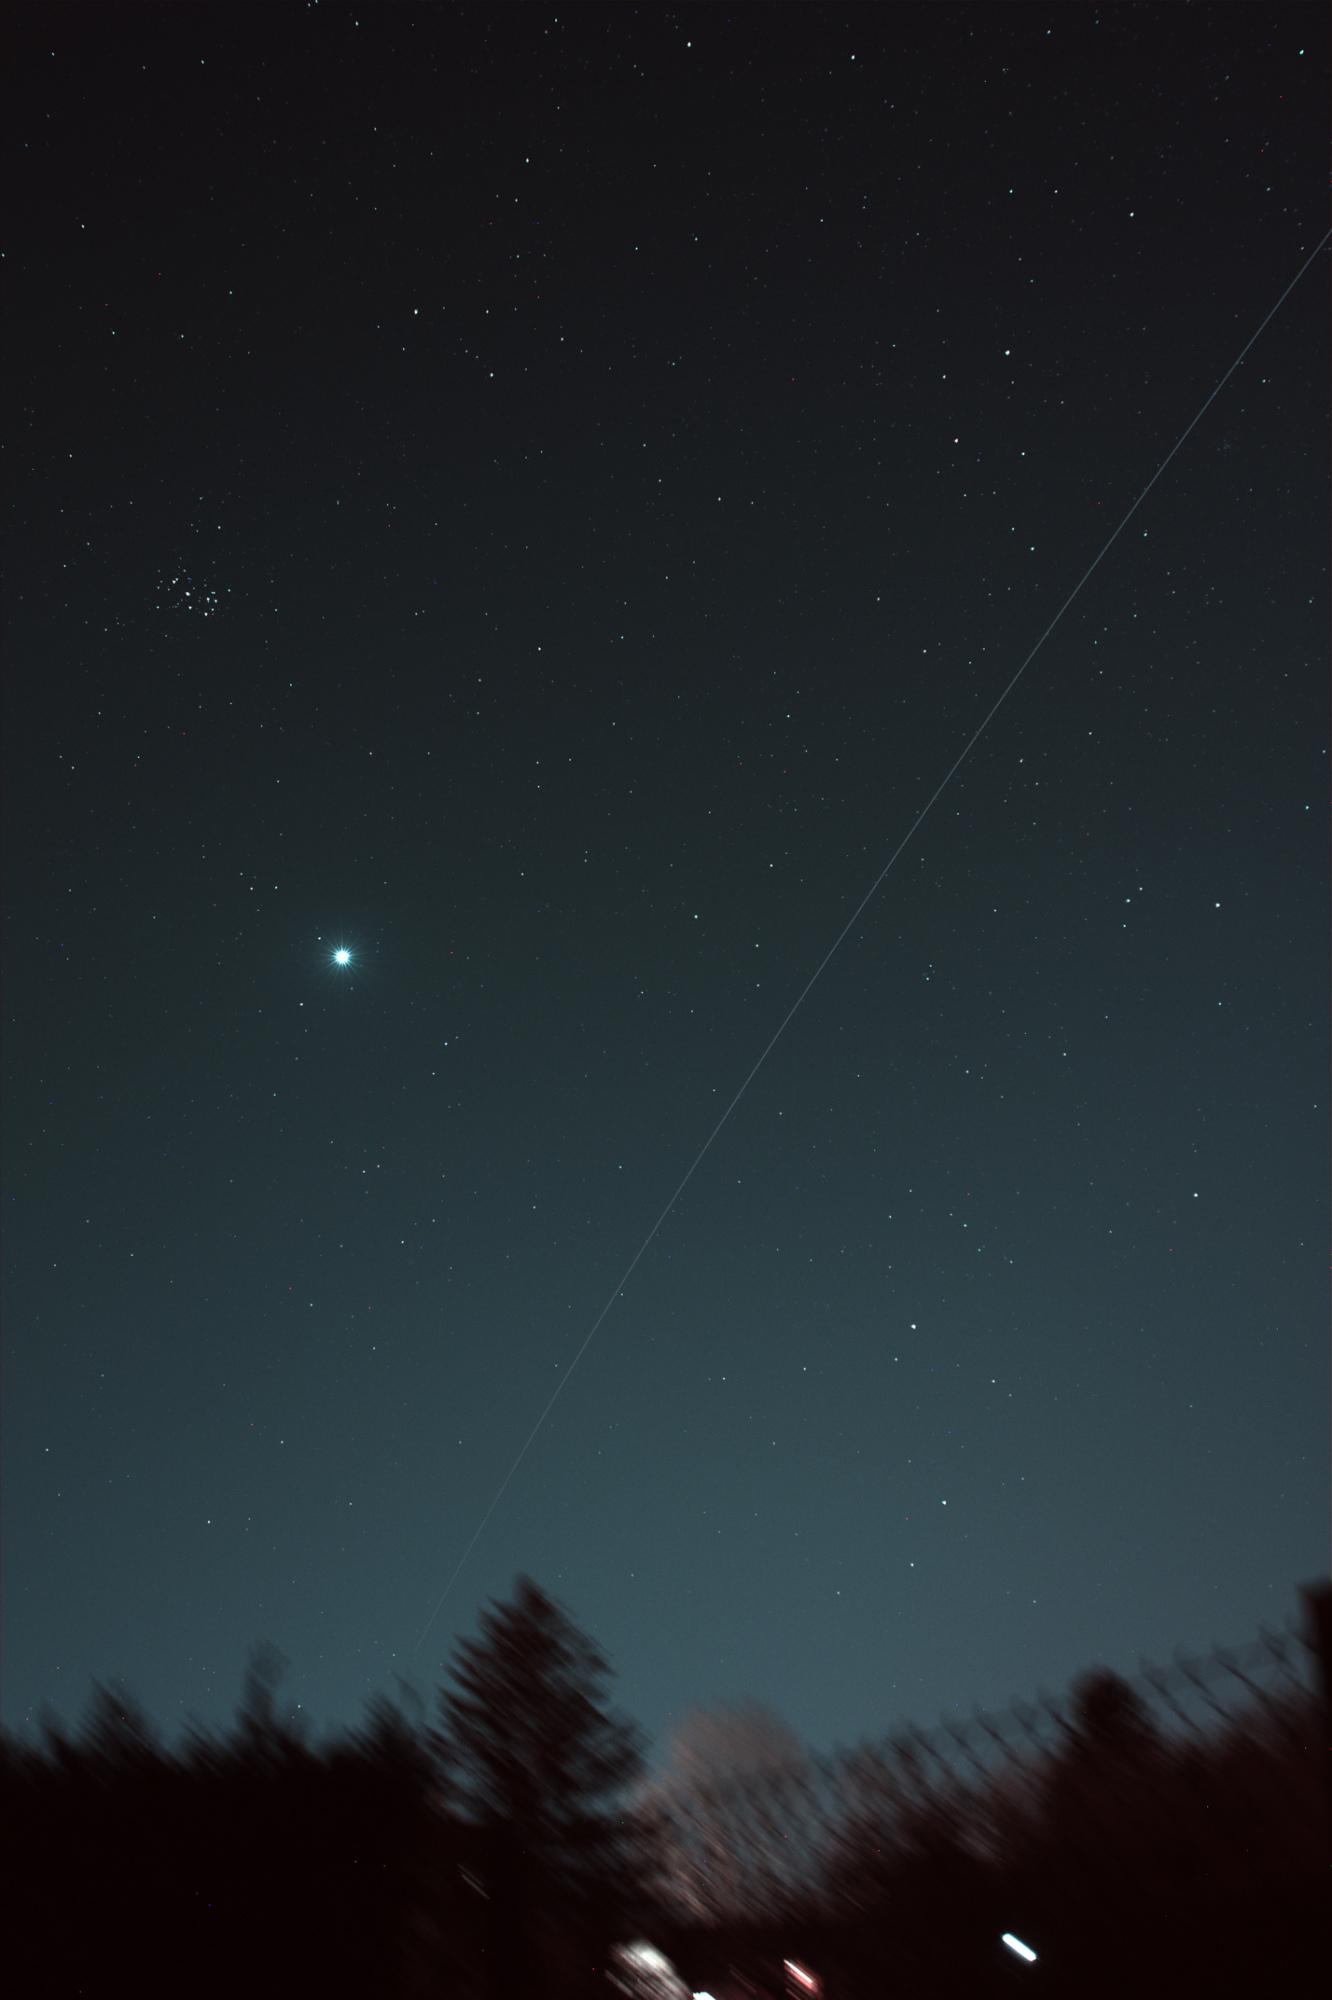 ISS1.thumb.jpg.a957bf95dbe066f125edb01c39b7ac5f.jpg